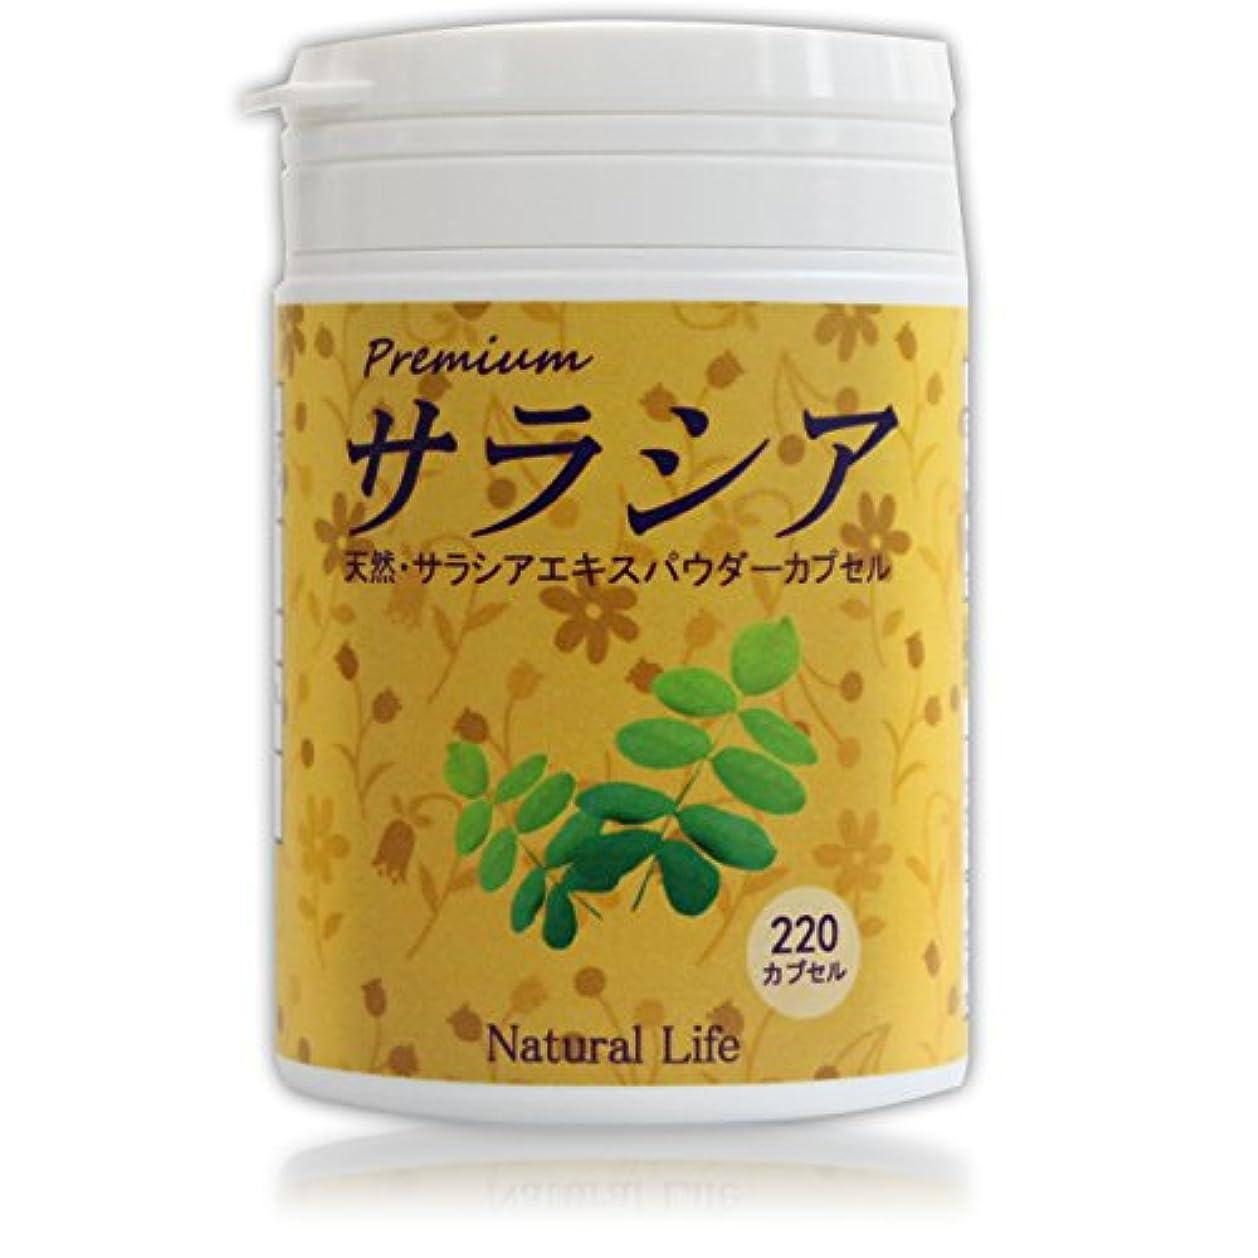 エンターテインメント典型的なあざサラシアカプセル[220粒]天然ピュア原料(無添加) 健康食品(サラシア,さらしあ)